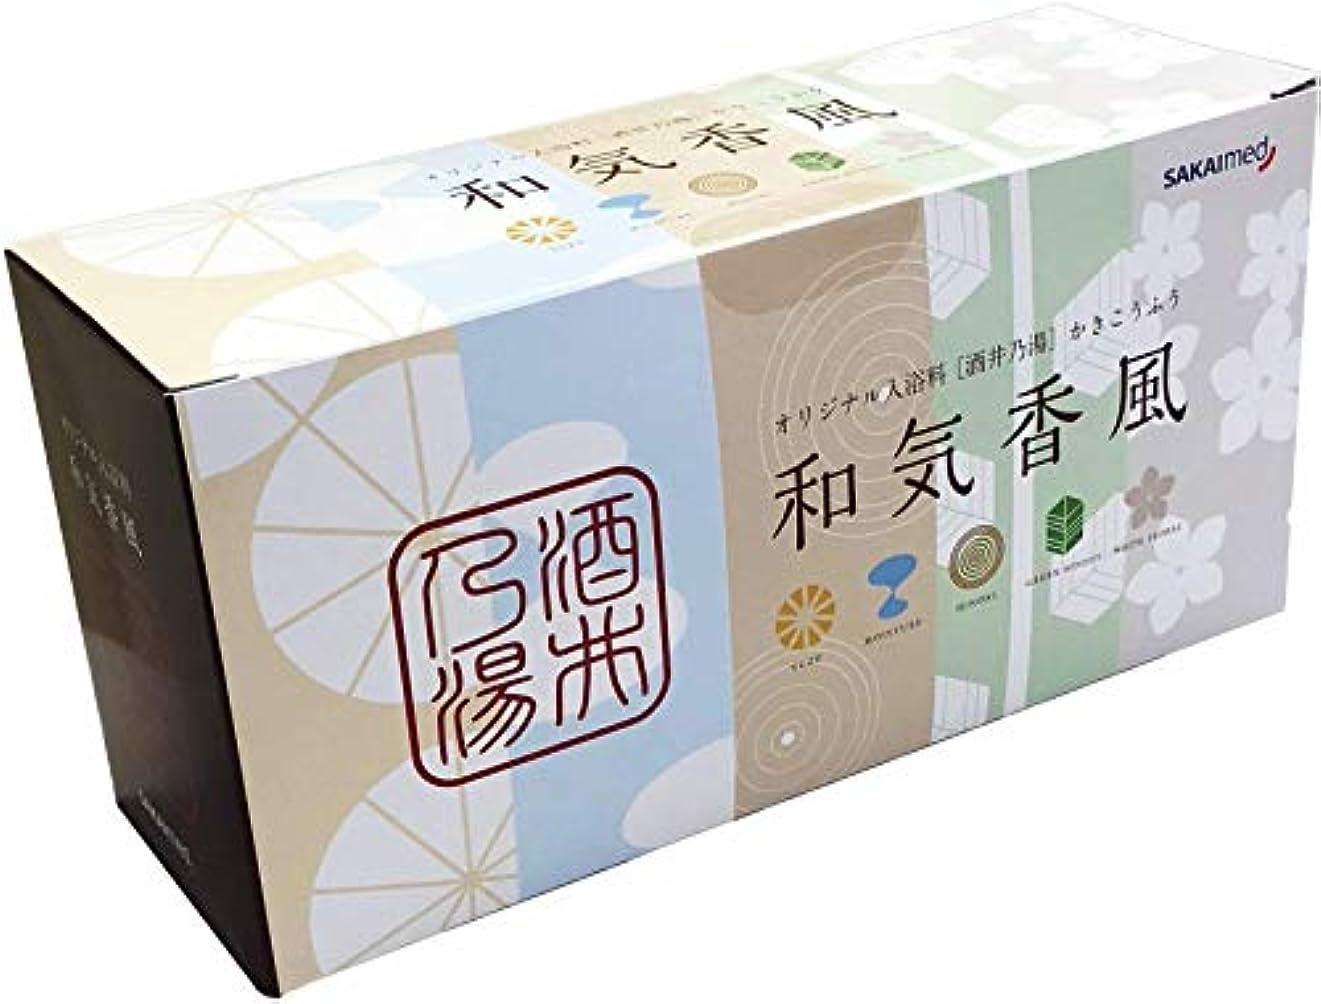 ラリー降雨着実に酒井之湯 和気香風 介護浴槽で使用できる入浴剤(パパイン酵素配合 入浴剤)30包(5種類の香×6包)